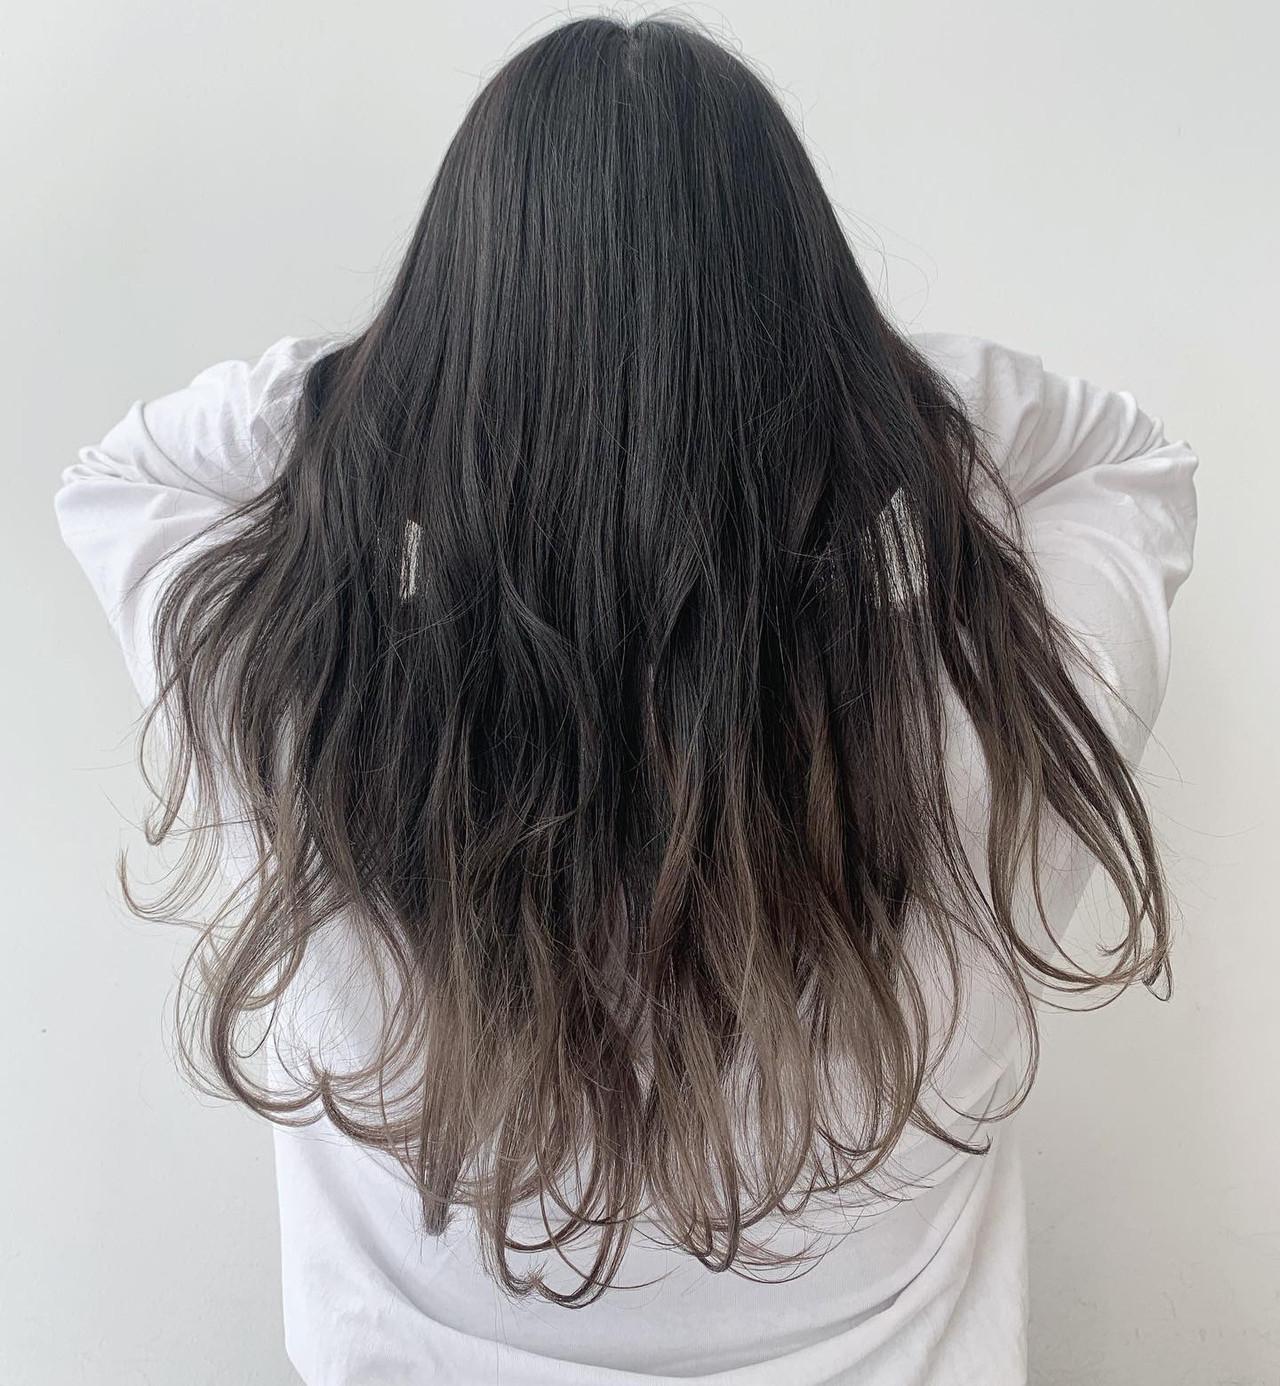 グラデーションカラー ナチュラル アッシュグレージュ ロング ヘアスタイルや髪型の写真・画像